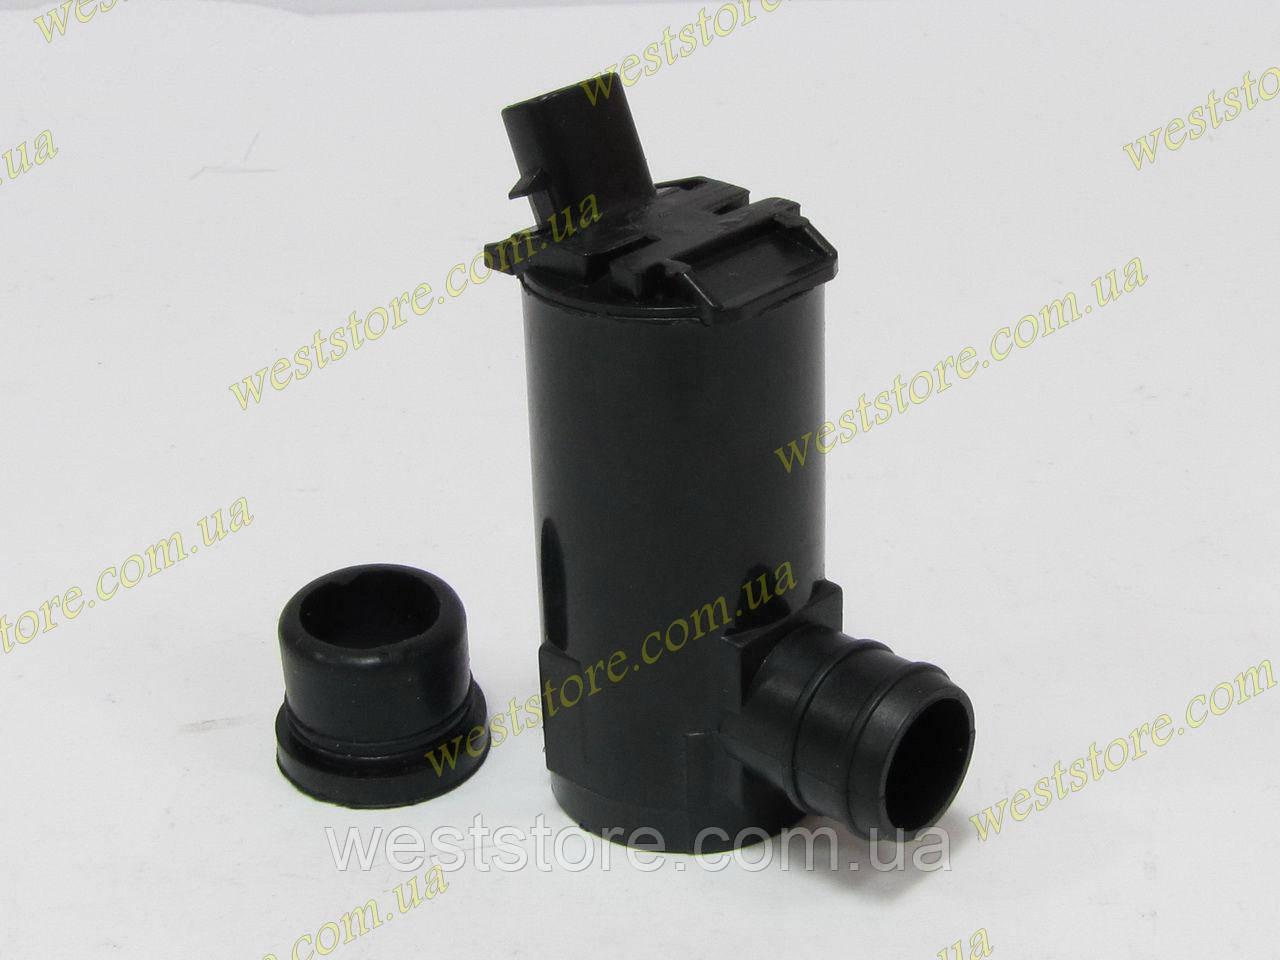 Мотор (насос) омывателя Ланос Сенс Lanos Sens Нового образца,Genuine 96318238\96190259